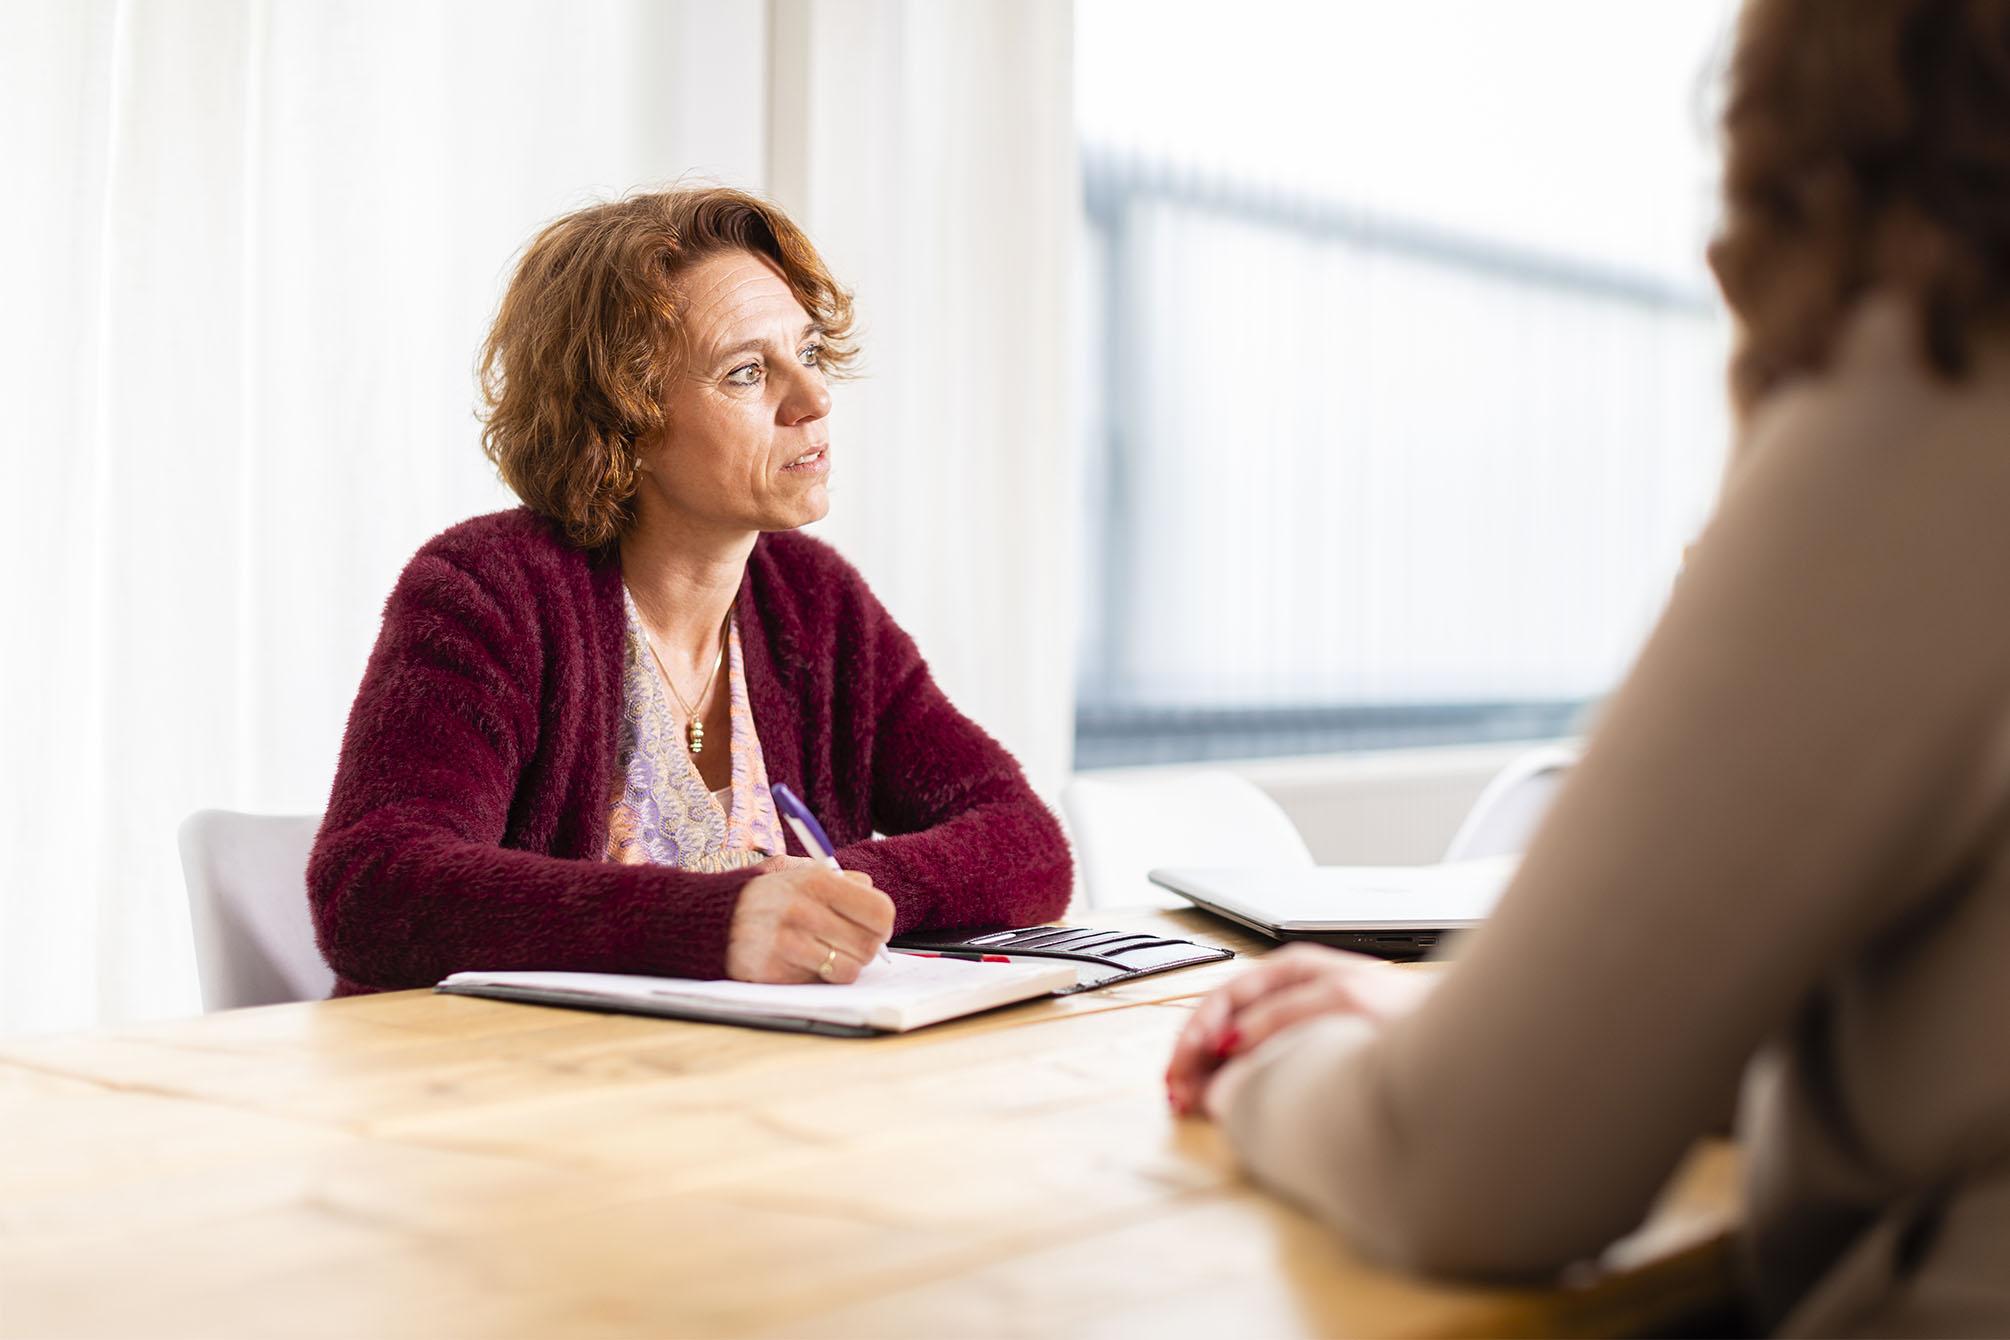 Partneralimentatie berekenen | Scheiden met Aandacht